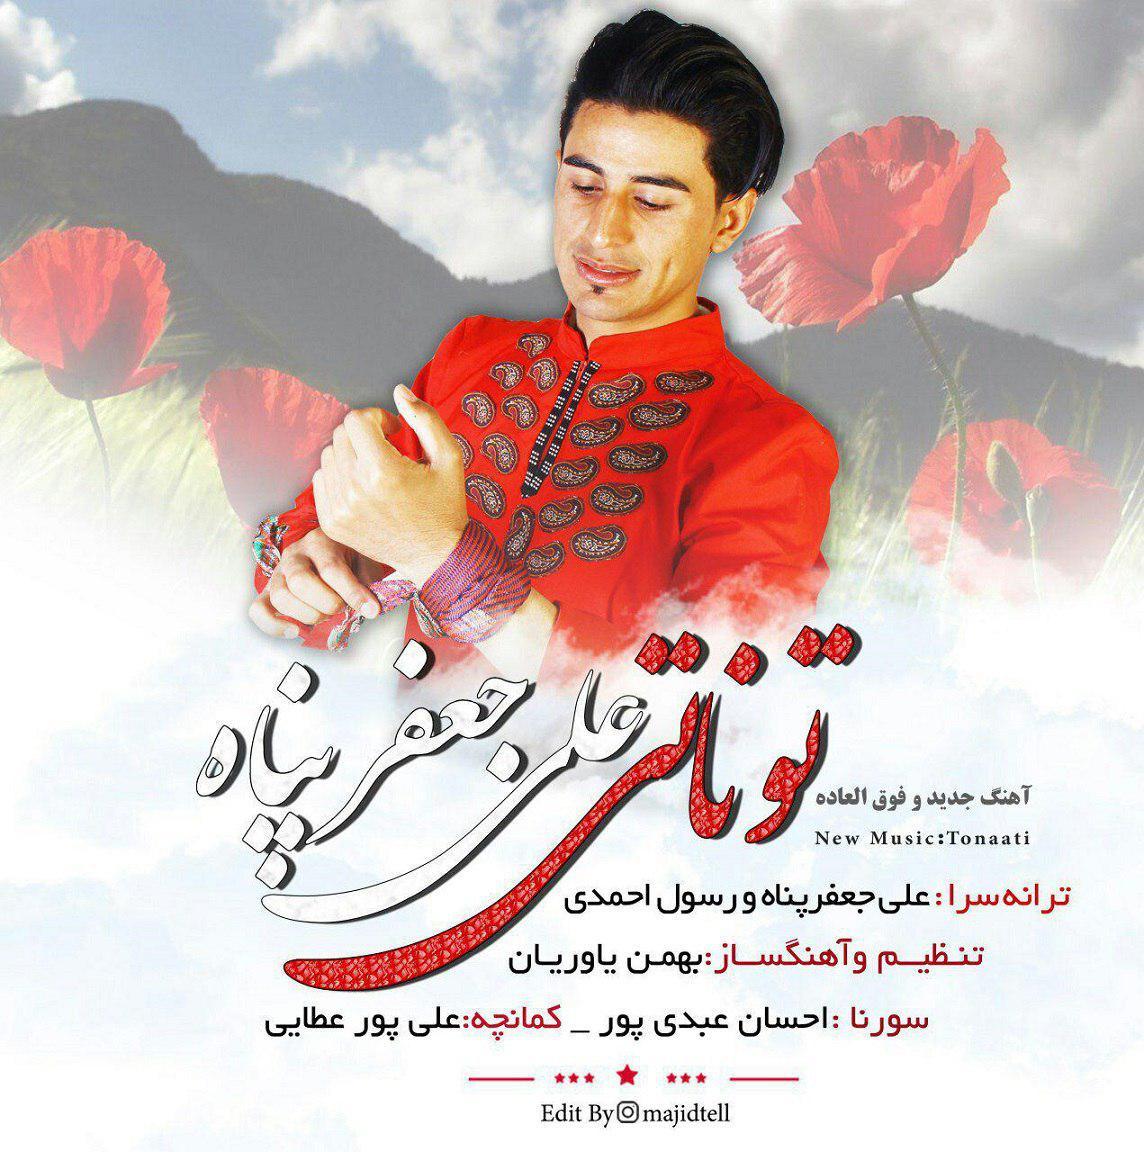 آهنگ جدید و زیبا از علی جعفرپناه به نام توناتی(ترکی؛کرمانجی)